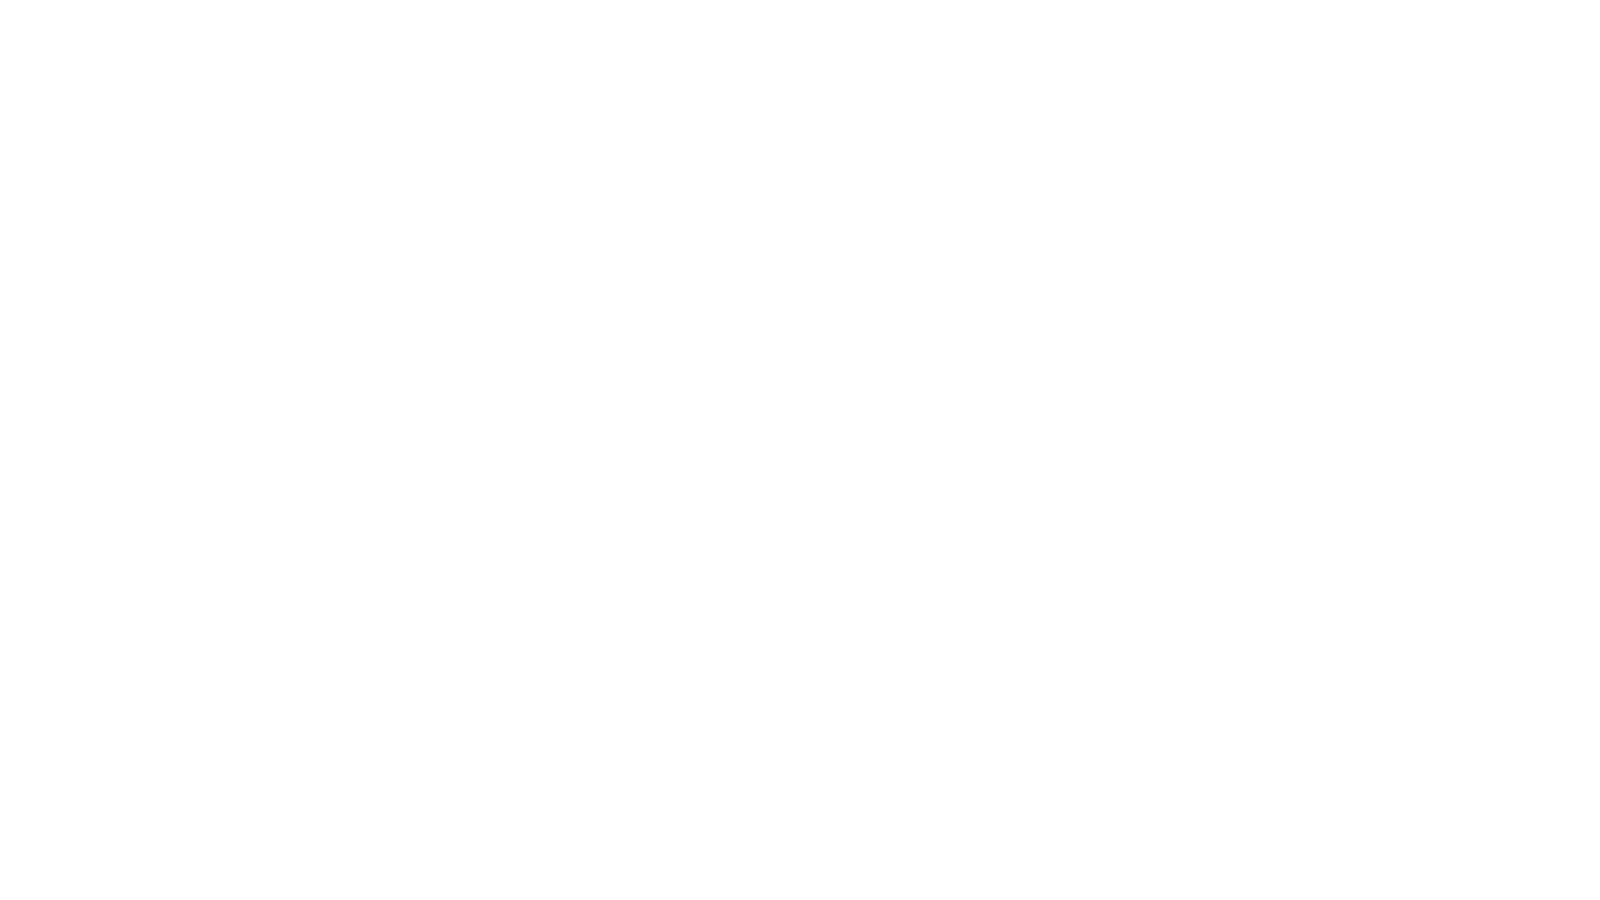 Oggi si torna a parlare di appuntamenti e relazioni in Corea! Come ben sapete ormai, in Corea avere il ragazzo o la ragazza è molto importante e per questo hanno creato un sacco di metodi e luoghi su misura per incontrare l'anima gemella! Voi quale preferite?  🌟🌟🌟 AIUTACI A SUPPORTARE IL CANALE OFFRENDOCI UN CAFFE: https://ko-fi.com/Y8Y2D1EA  📹 LA NOSTRA ATTREZZATURA 📷 Abbiamo un'affiliazone con Amazon.it, quindi se comprate tramite i nostri link ci aiutate a mandare avanti il canale! Grazie!  Camera Canon: http://amzn.to/2p94Ij3 Lente Canon 1: http://amzn.to/2q3izox Microfono: http://amzn.to/2q3qHp5 Luci: http://amzn.to/2pRNDZ9  💌 LINKS UTILI 💌 Gruppo per trovare compagni di viaggio per andare in Corea: https://www.facebook.com/groups/perdi...  🇰🇷 I NOSTRI SOCIAL! 🇰🇷 Blog: http://persiincorea.com/ Facebook: https://www.facebook.com/PersiinCorea Twitter: https://twitter.com/PersiinCorea Ask FM: http://ask.fm/persiincorea  📷 Instagram: Persi in Corea // persiincorea // https://www.instagram.com/persiincorea/  📹 LA NOSTRA ATTREZZATURA 📷 Abbiamo un'affiliazone con Amazon.it, quindi se comprate tramite i nostri link ci aiutate a mandare avanti il canale! Grazie!  Camera Canon: http://amzn.to/2p94Ij3 Lente Canon 1: http://amzn.to/2q3izox Microfono: http://amzn.to/2q3qHp5 Luci: http://amzn.to/2pRNDZ9  5 modi per trovare l'ANIMA GEMMELLA in COREA! 💌 LINKS UTILI 💌 Gruppo per trovare compagni di viaggio per andare in Corea: https://www.facebook.com/groups/perdi...  🇰🇷 I NOSTRI SOCIAL! 🇰🇷 Blog: http://persiincorea.com/ Facebook: https://www.facebook.com/PersiinCorea Twitter: https://twitter.com/PersiinCorea Ask FM: http://ask.fm/persiincorea  📷 Instagram: Persi in Corea // persiincorea // https://www.instagram.com/persiincorea/